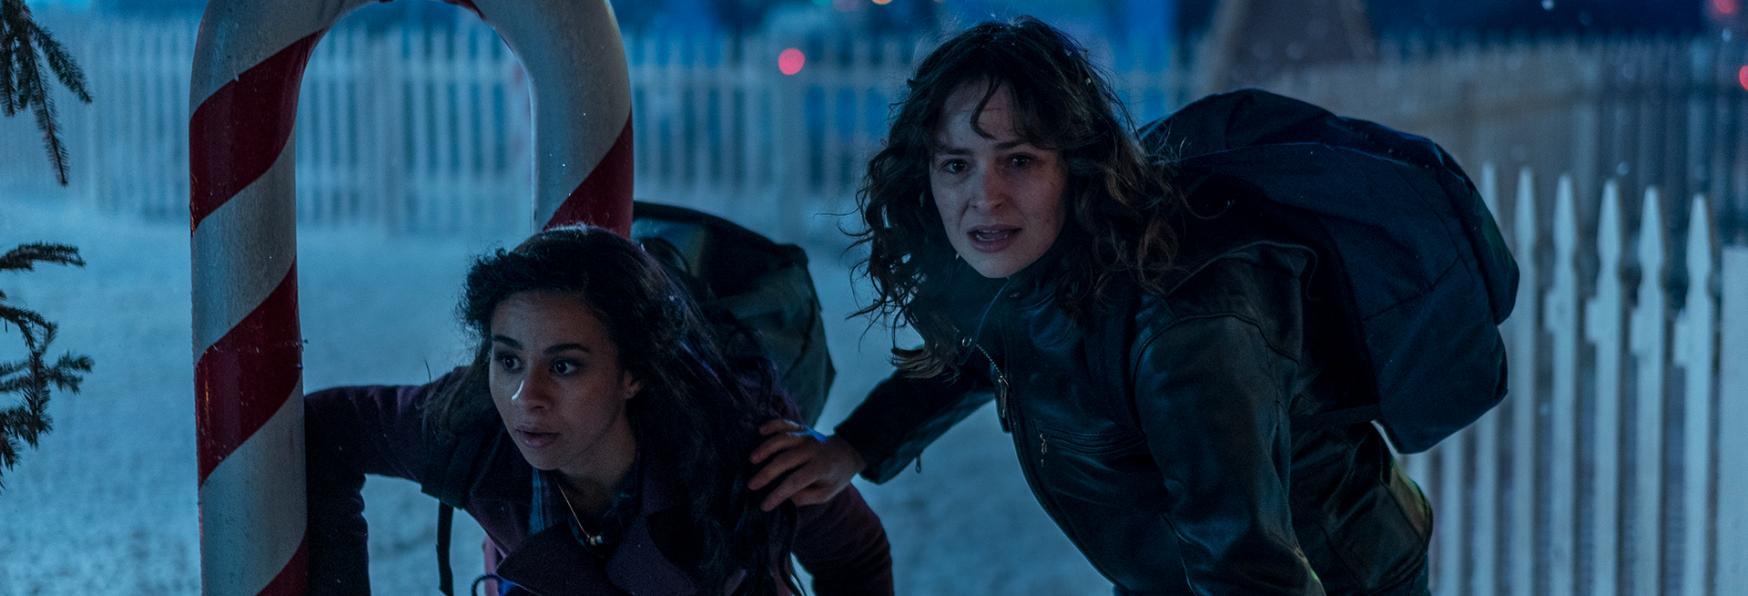 NOS4A2 3 non ci sarà! AMC Cancella la Serie TV Horror dopo due Stagioni